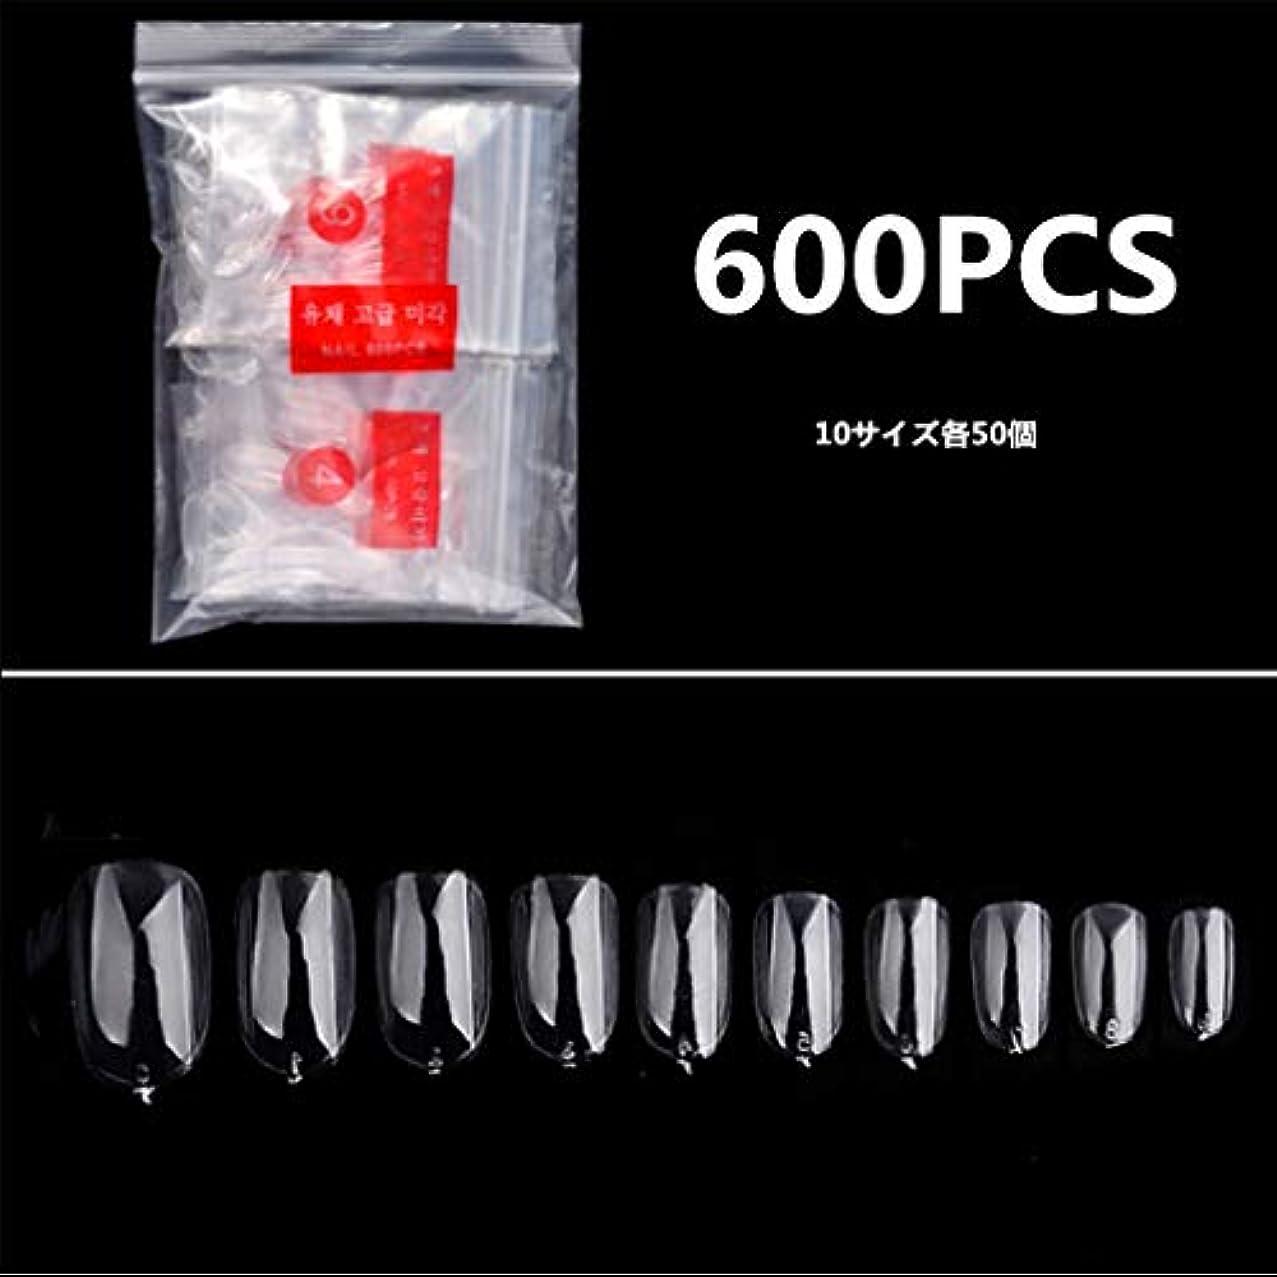 スクランブル子供時代ドキュメンタリーIHOLLY 透明ネイルチップ 600枚入り 10種のサイズ ネイル用品 ネイル飾り デコレーション 無地 付け爪 オーバルフルカバー 透明 DIYネイル